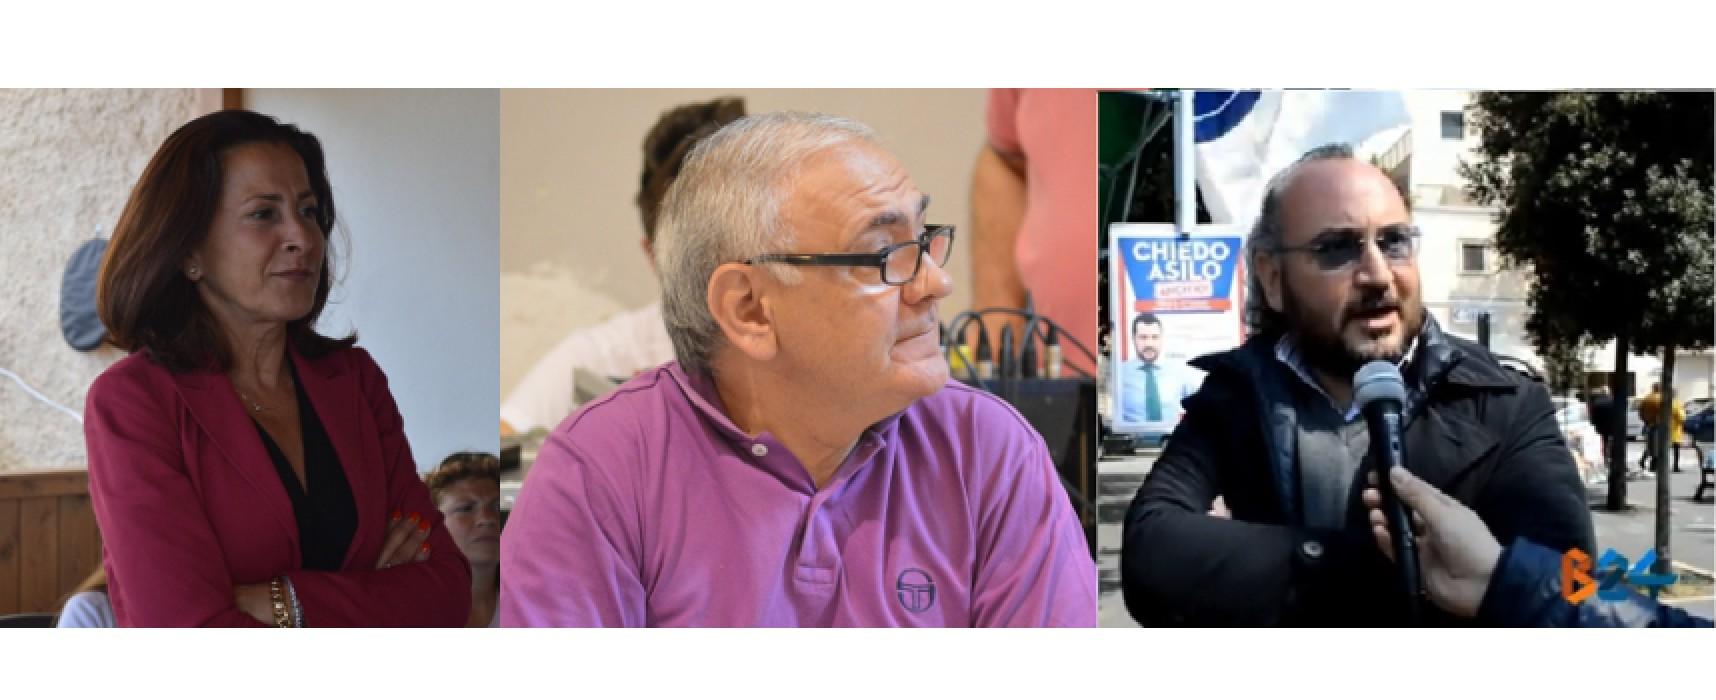 Elezioni regionali, scendono in campo anche l'assessore Sasso, il consigliere Sannicandro e Rocco Prete